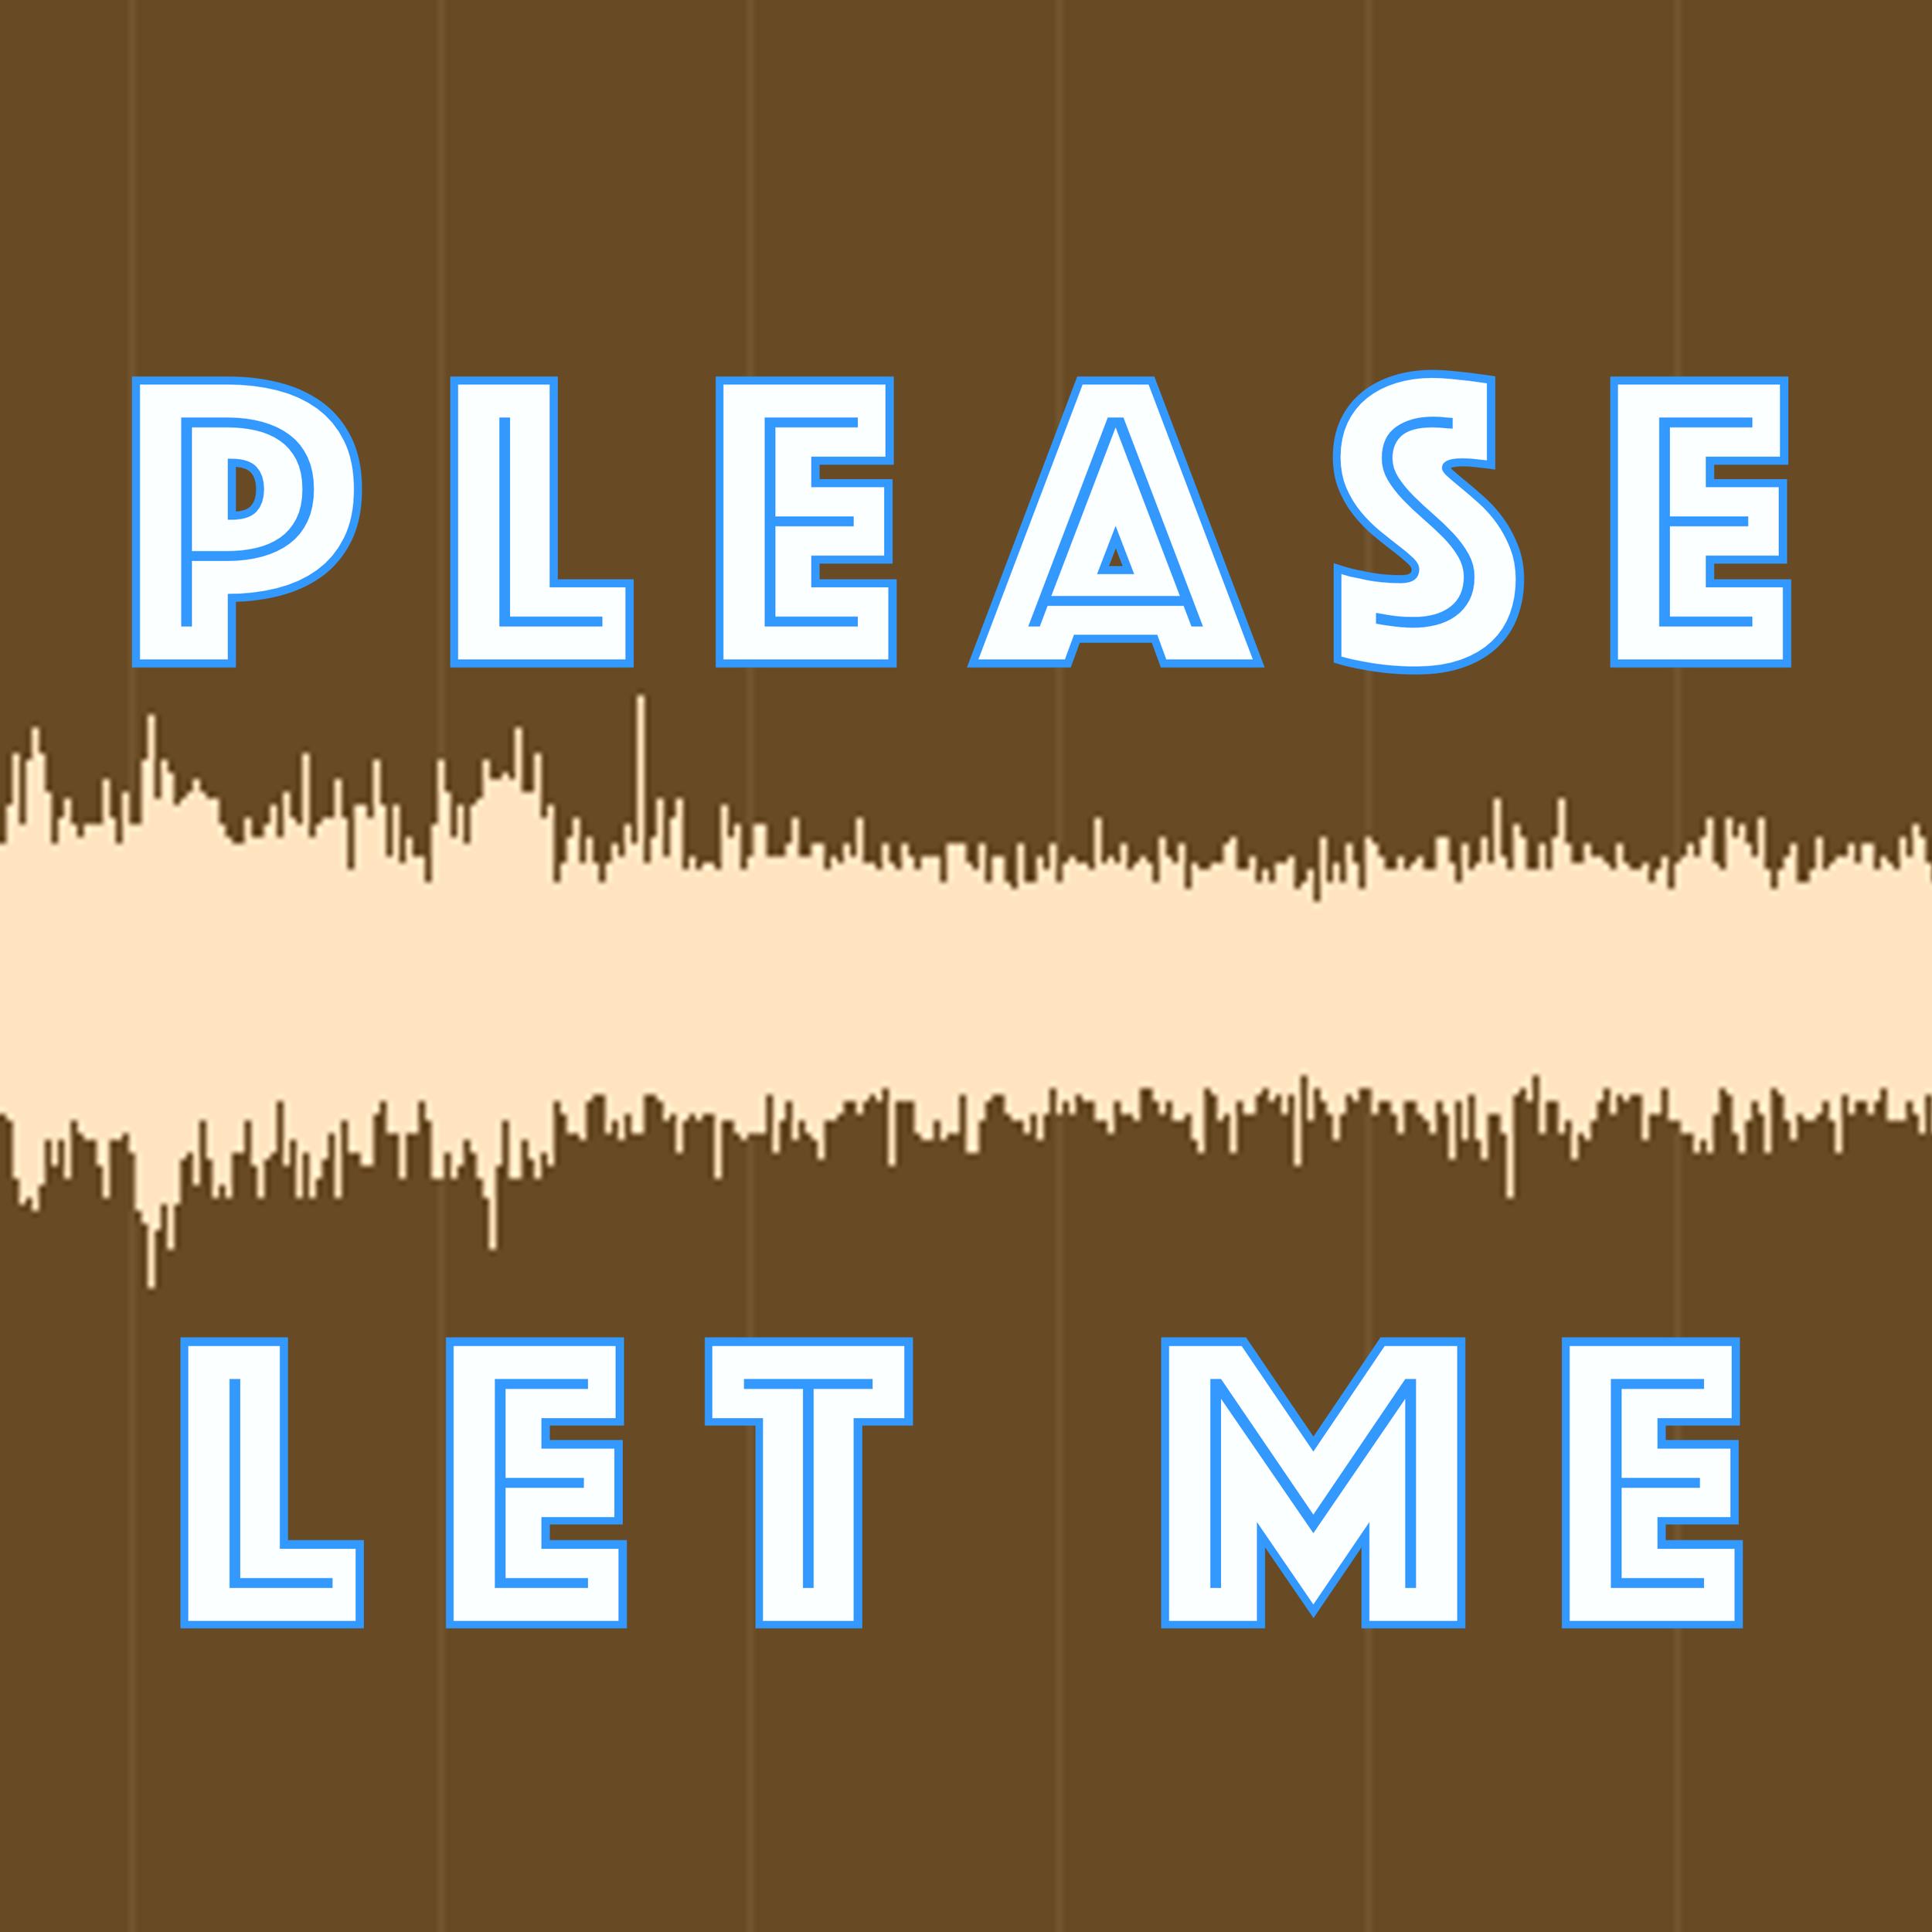 PLEASE LET ME Logo